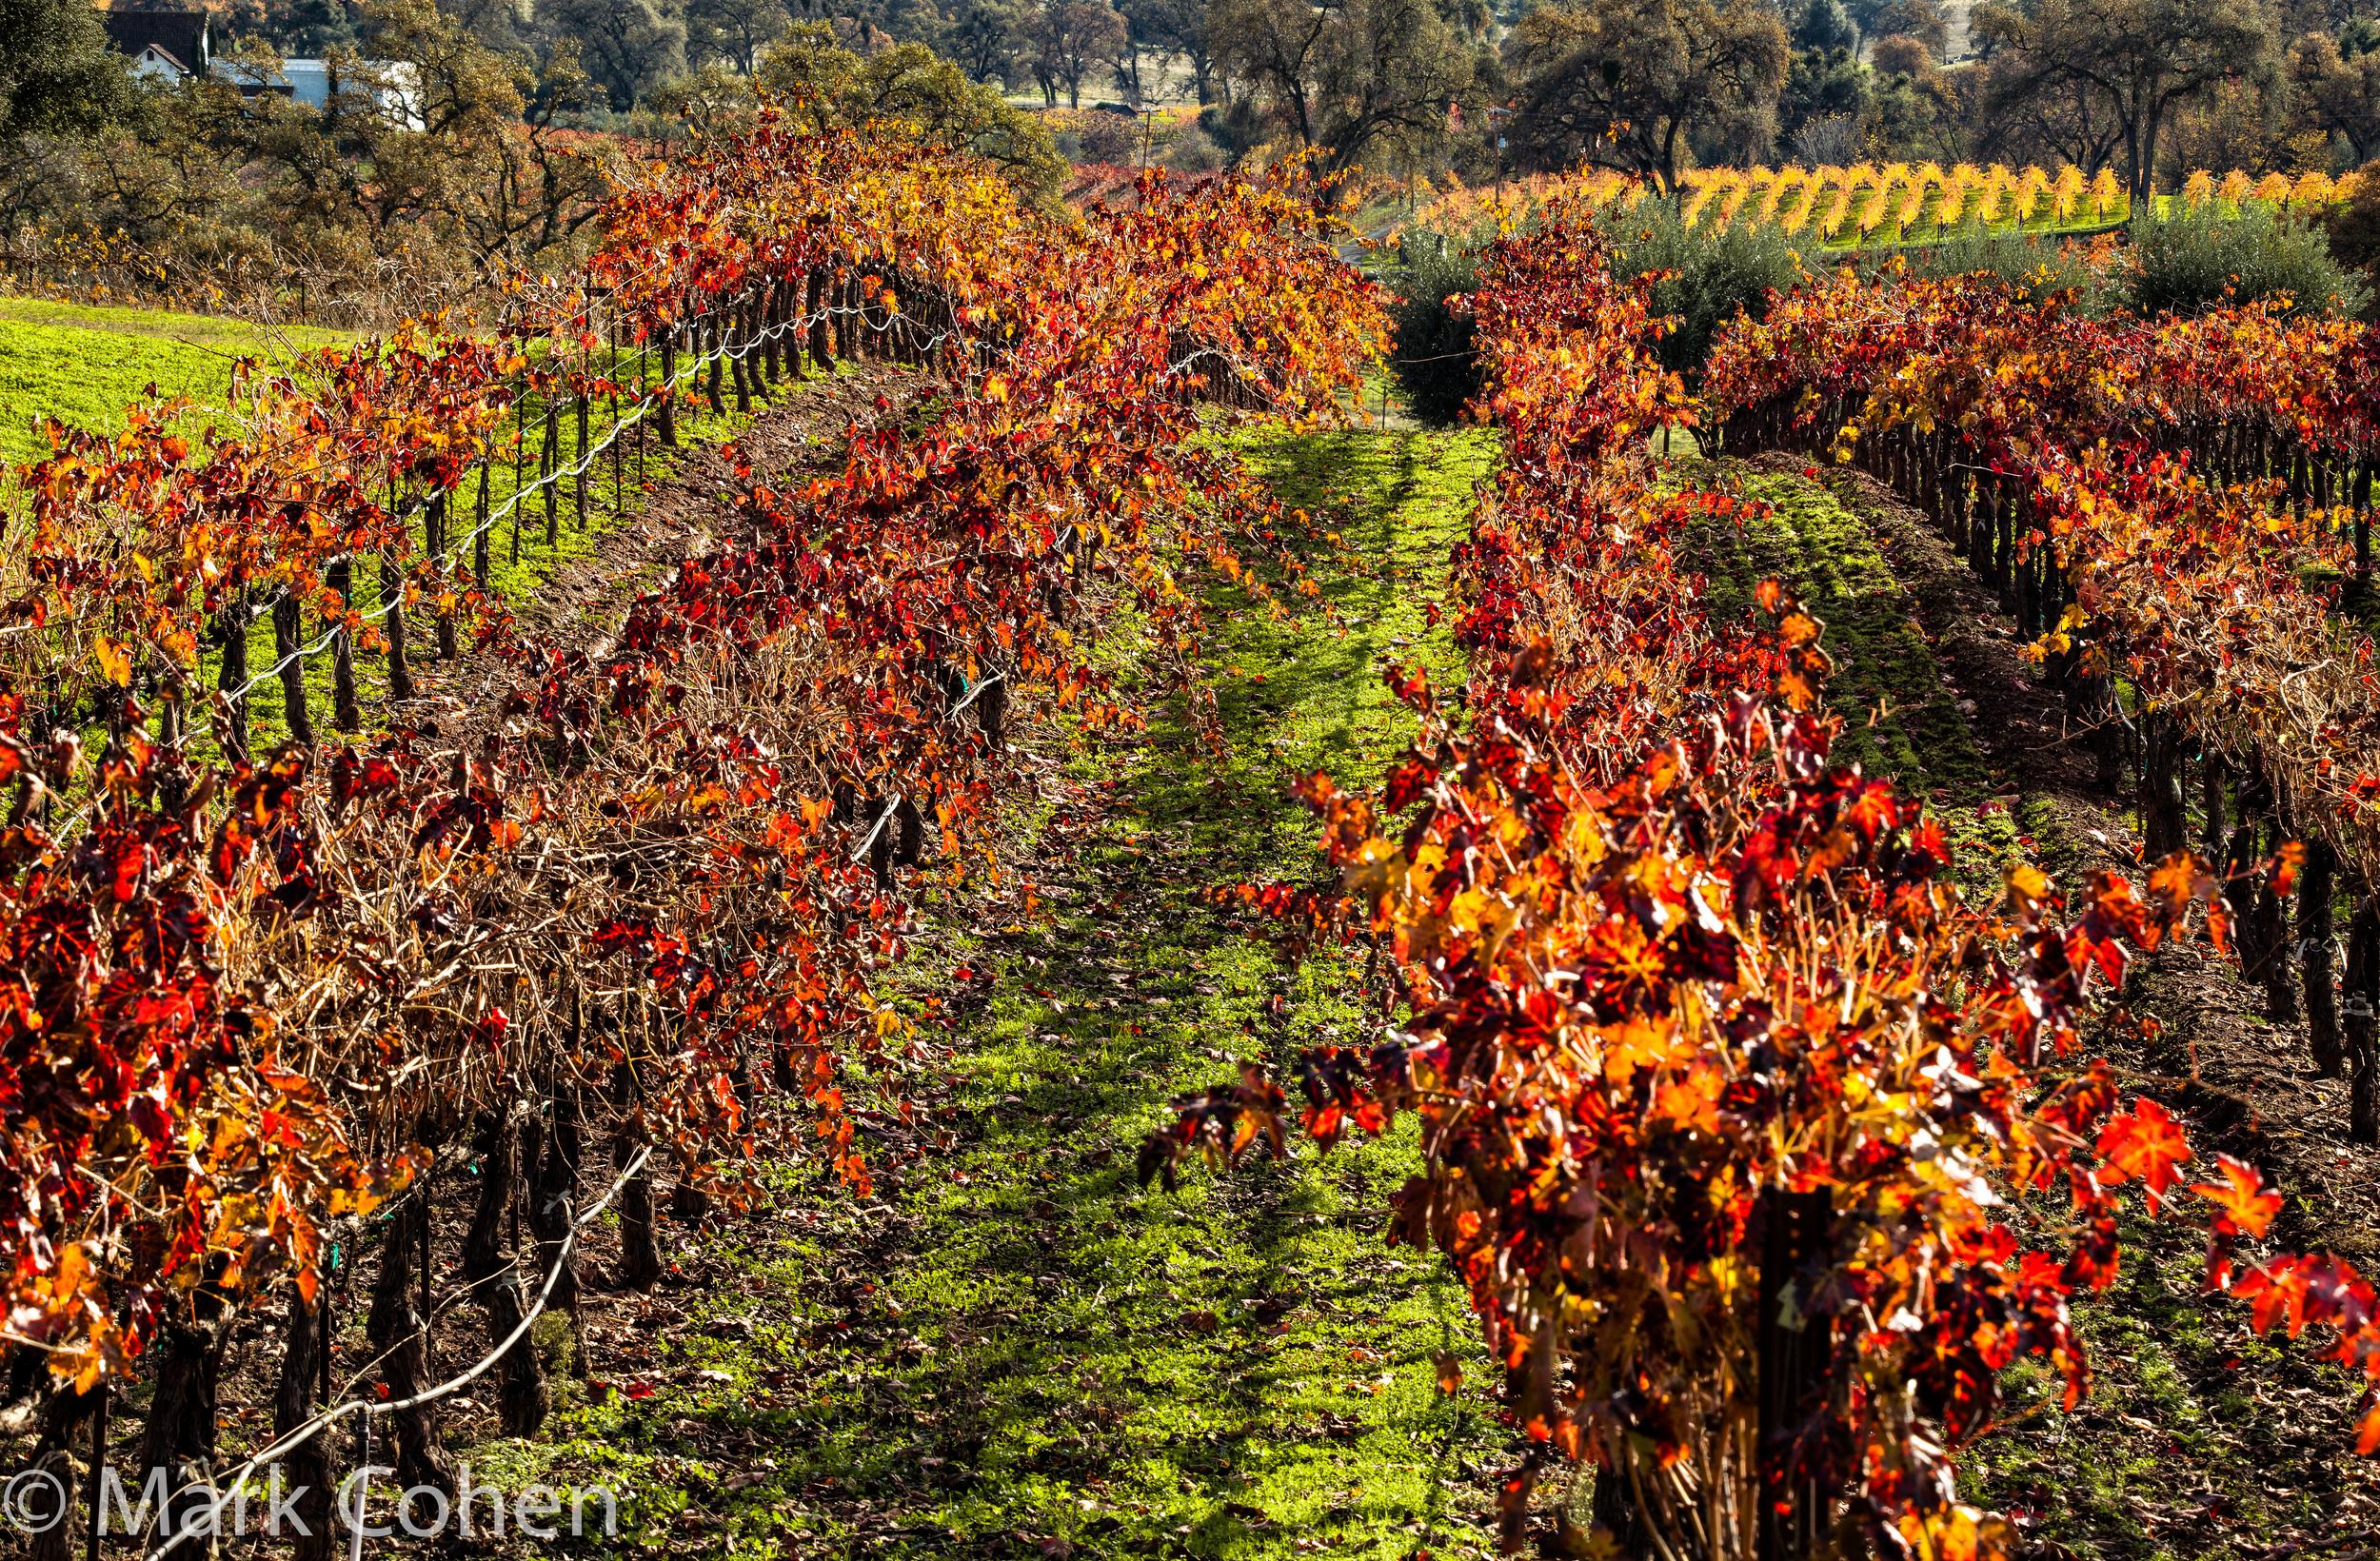 Vineyard no.4, Amador County, 2014